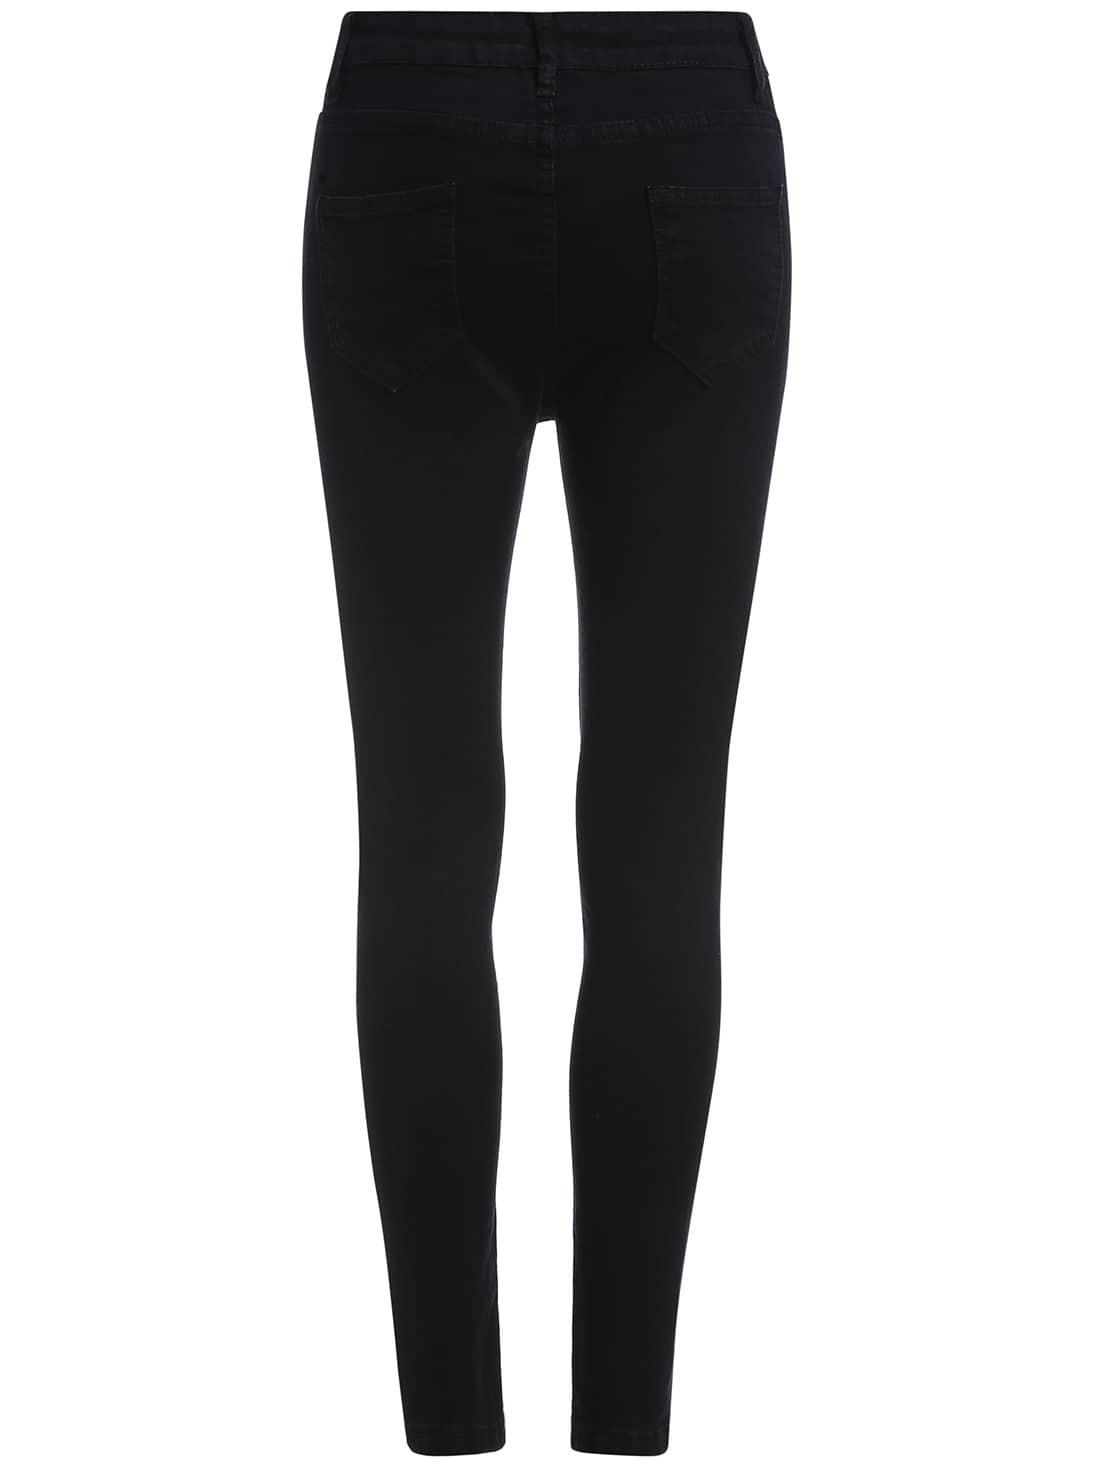 pantalon en denim moulant noir french shein sheinside. Black Bedroom Furniture Sets. Home Design Ideas